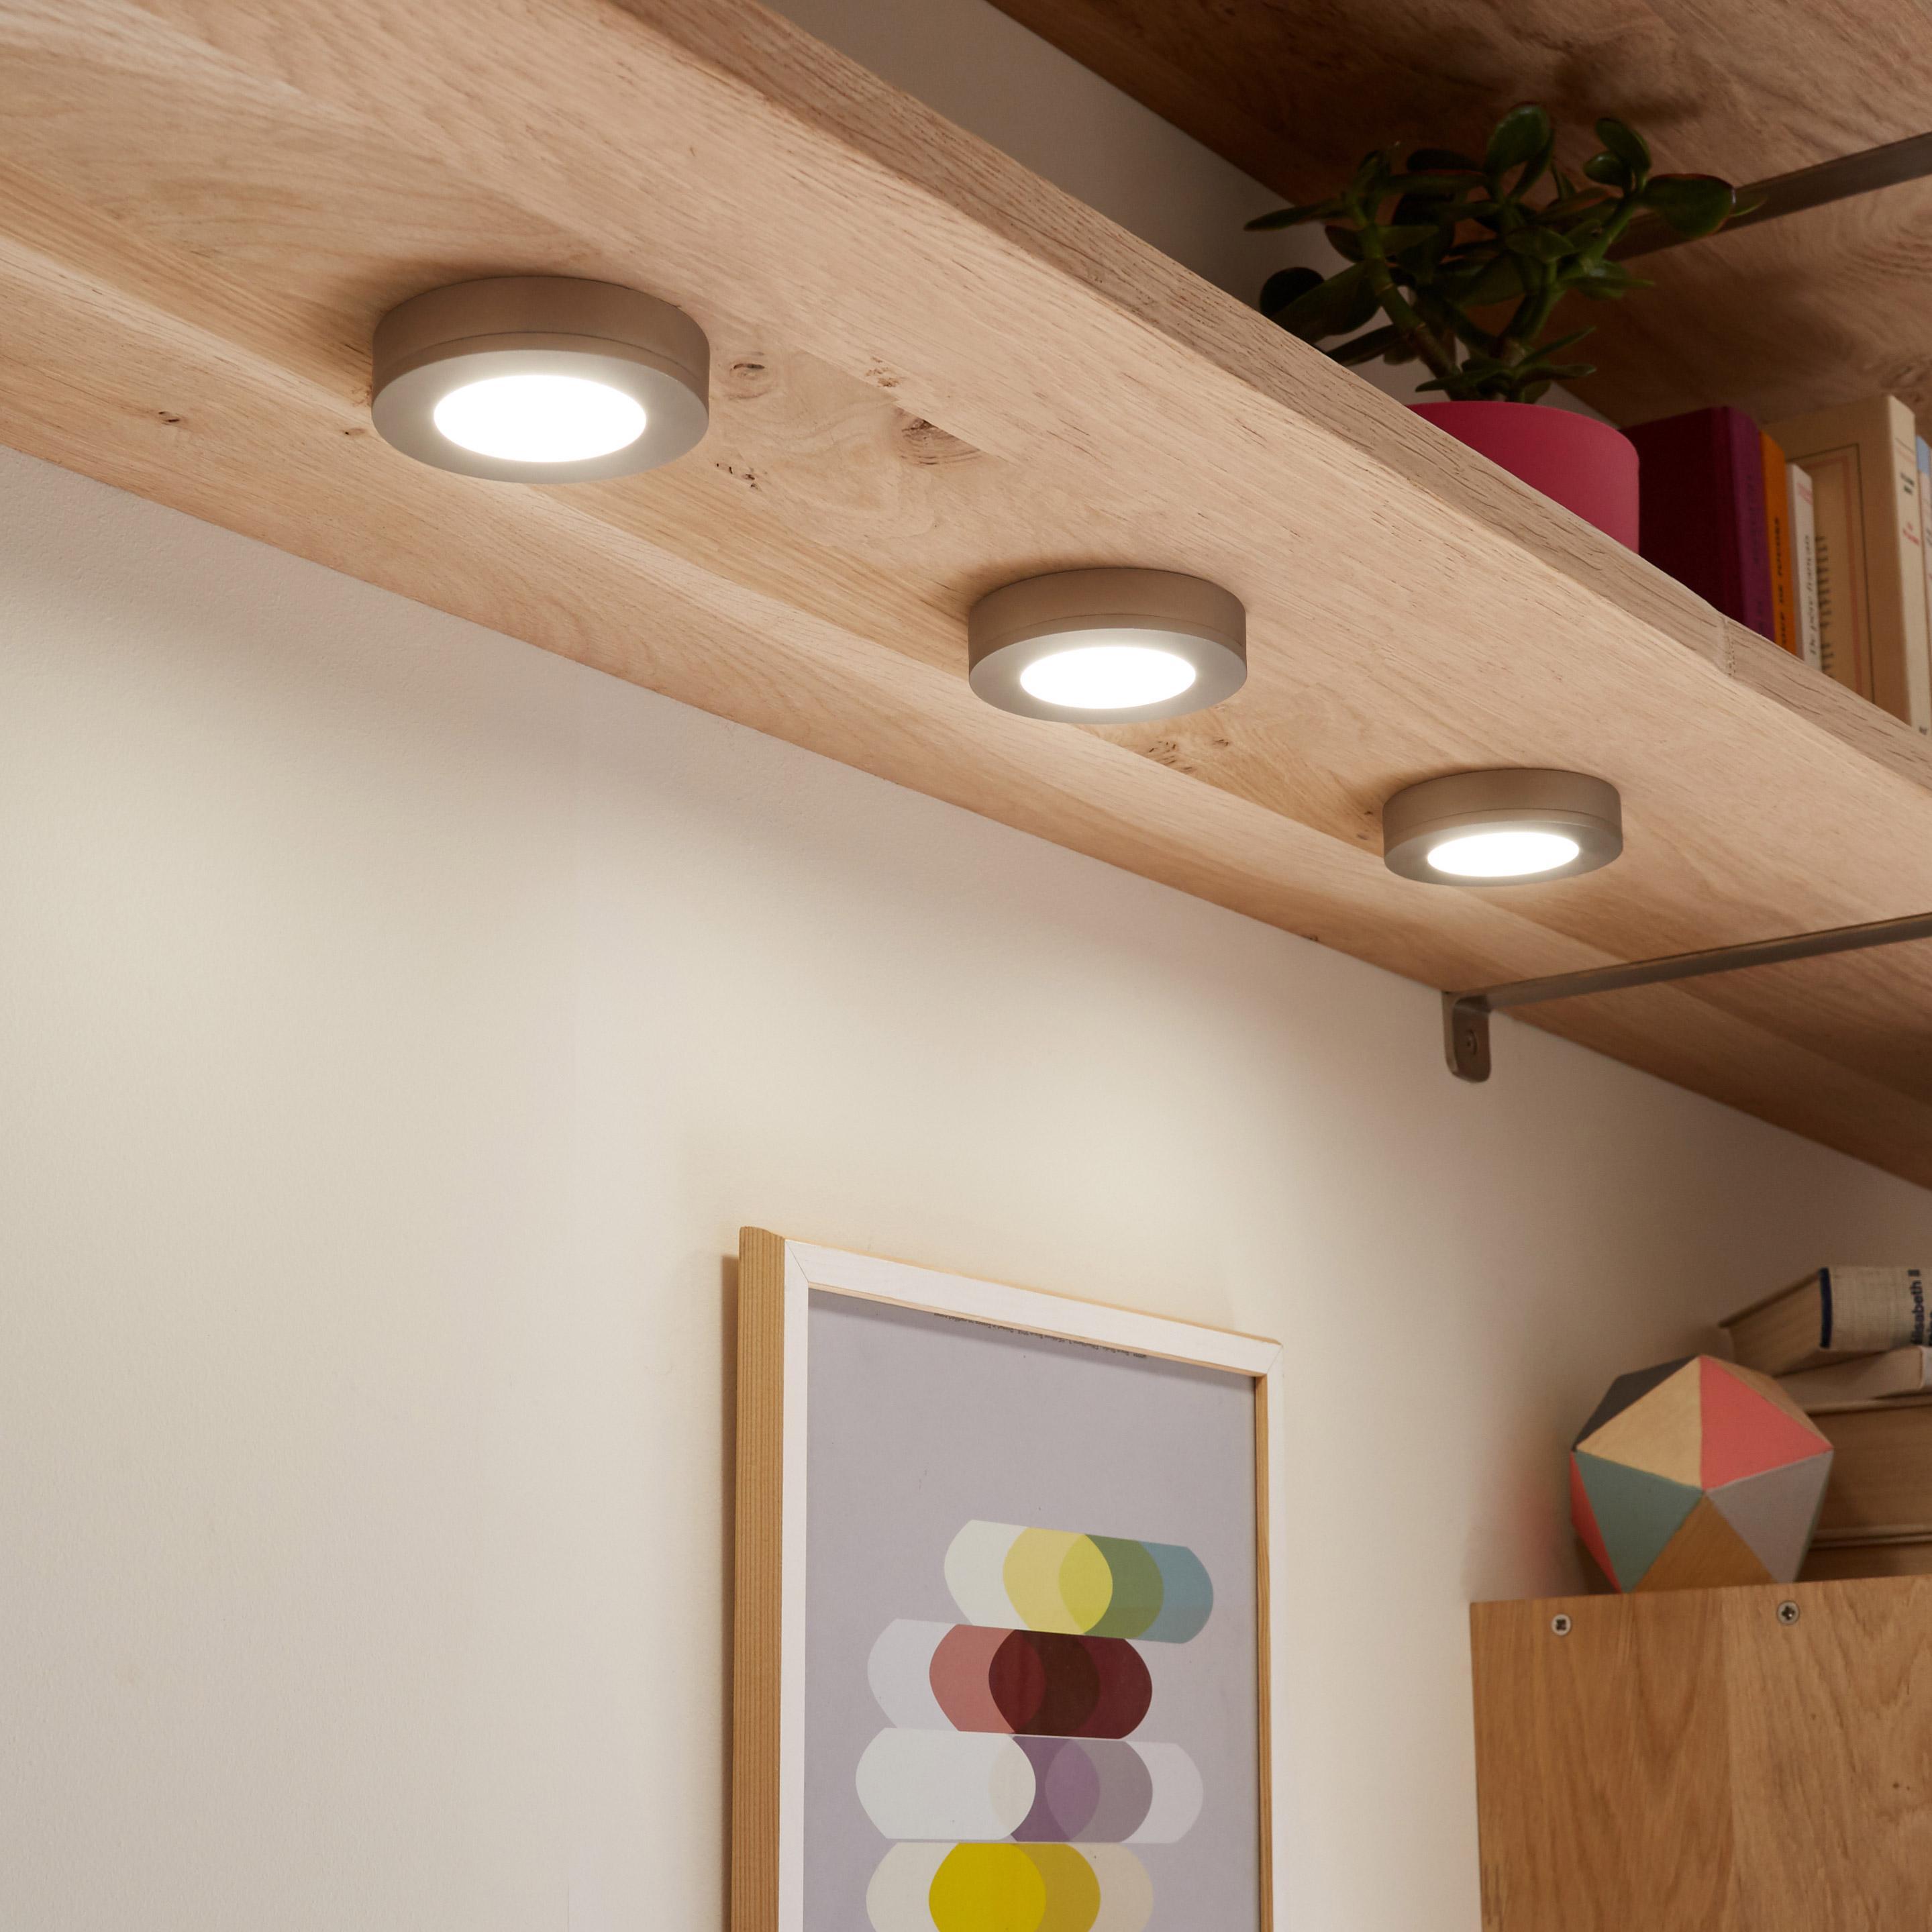 Kit 3 spots à encastrer / fixer LED intégrée Rio, acier, 3 x 2W, lumière blanche